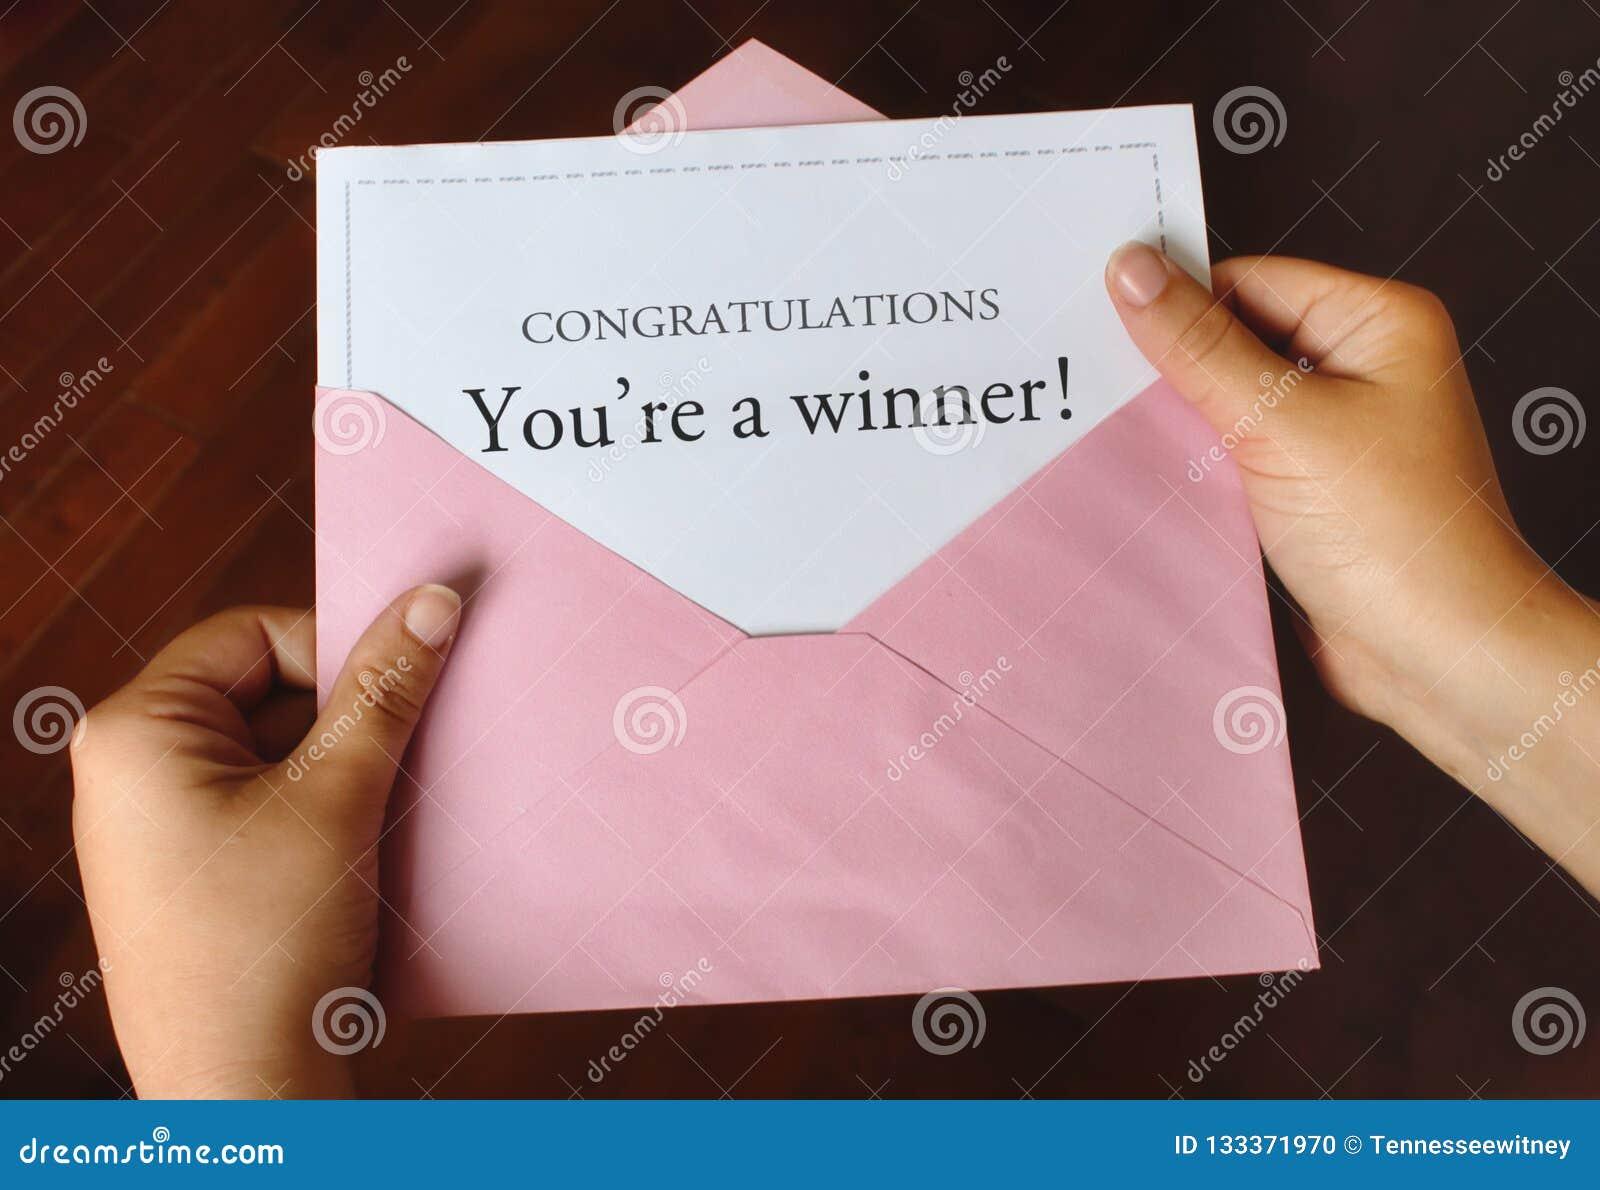 Ein Buchstabe, der Glückwünsche sagt, sind Sie ein Sieger! wenn die Hände einen rosa Umschlag halten